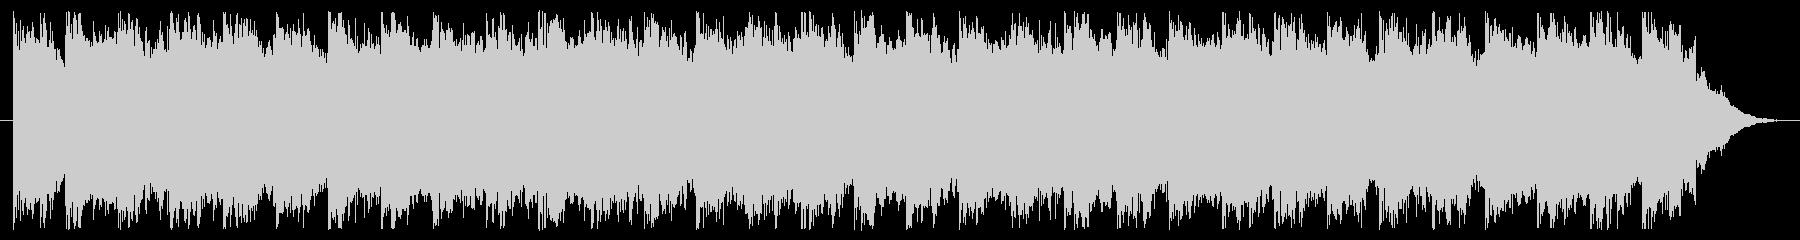 ブーン(サイレン、アラーム音)の未再生の波形